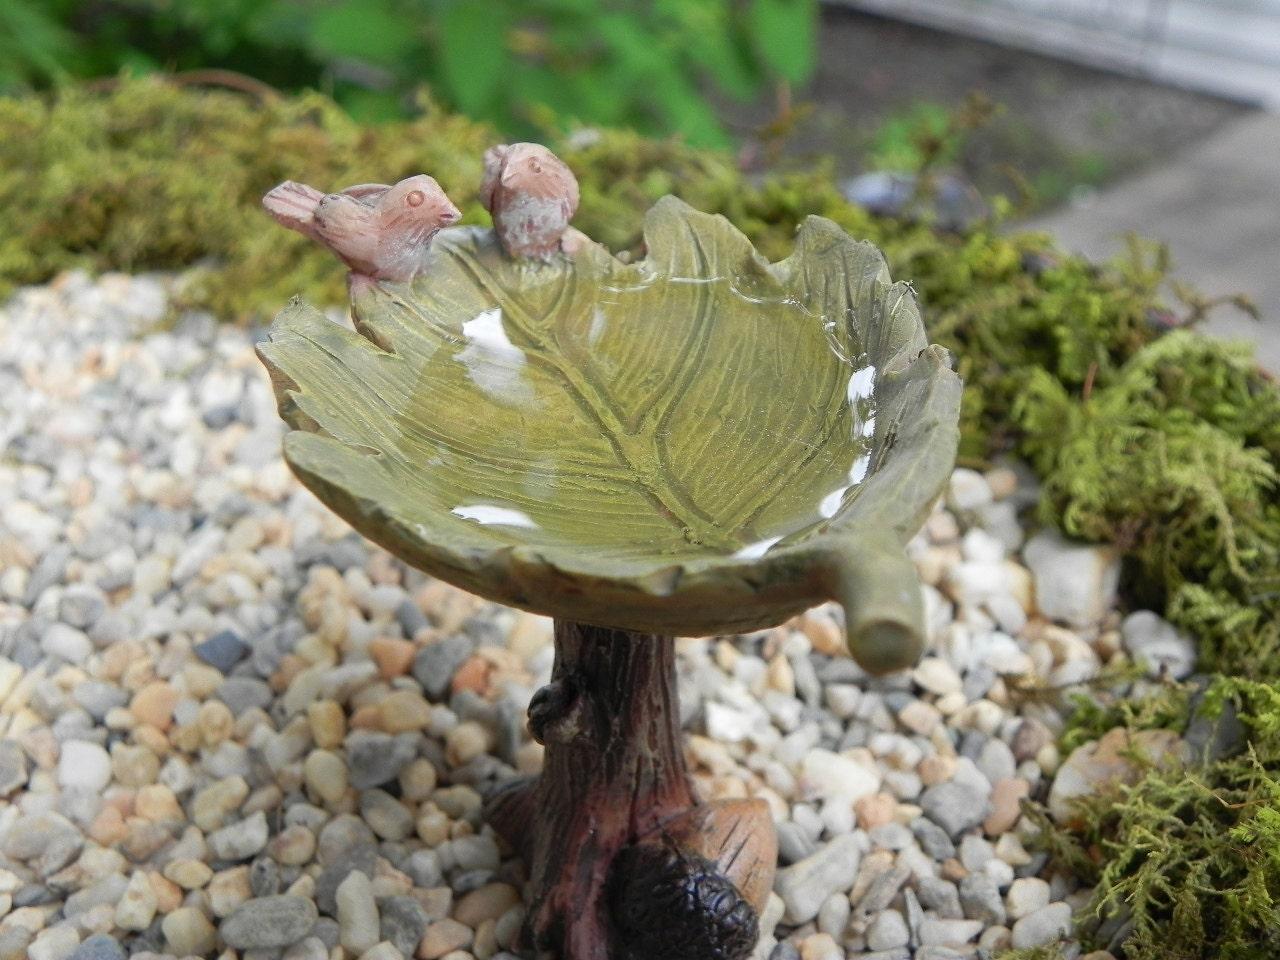 Fairy Garden Accessories Birdbath Leaf With Birds And Water